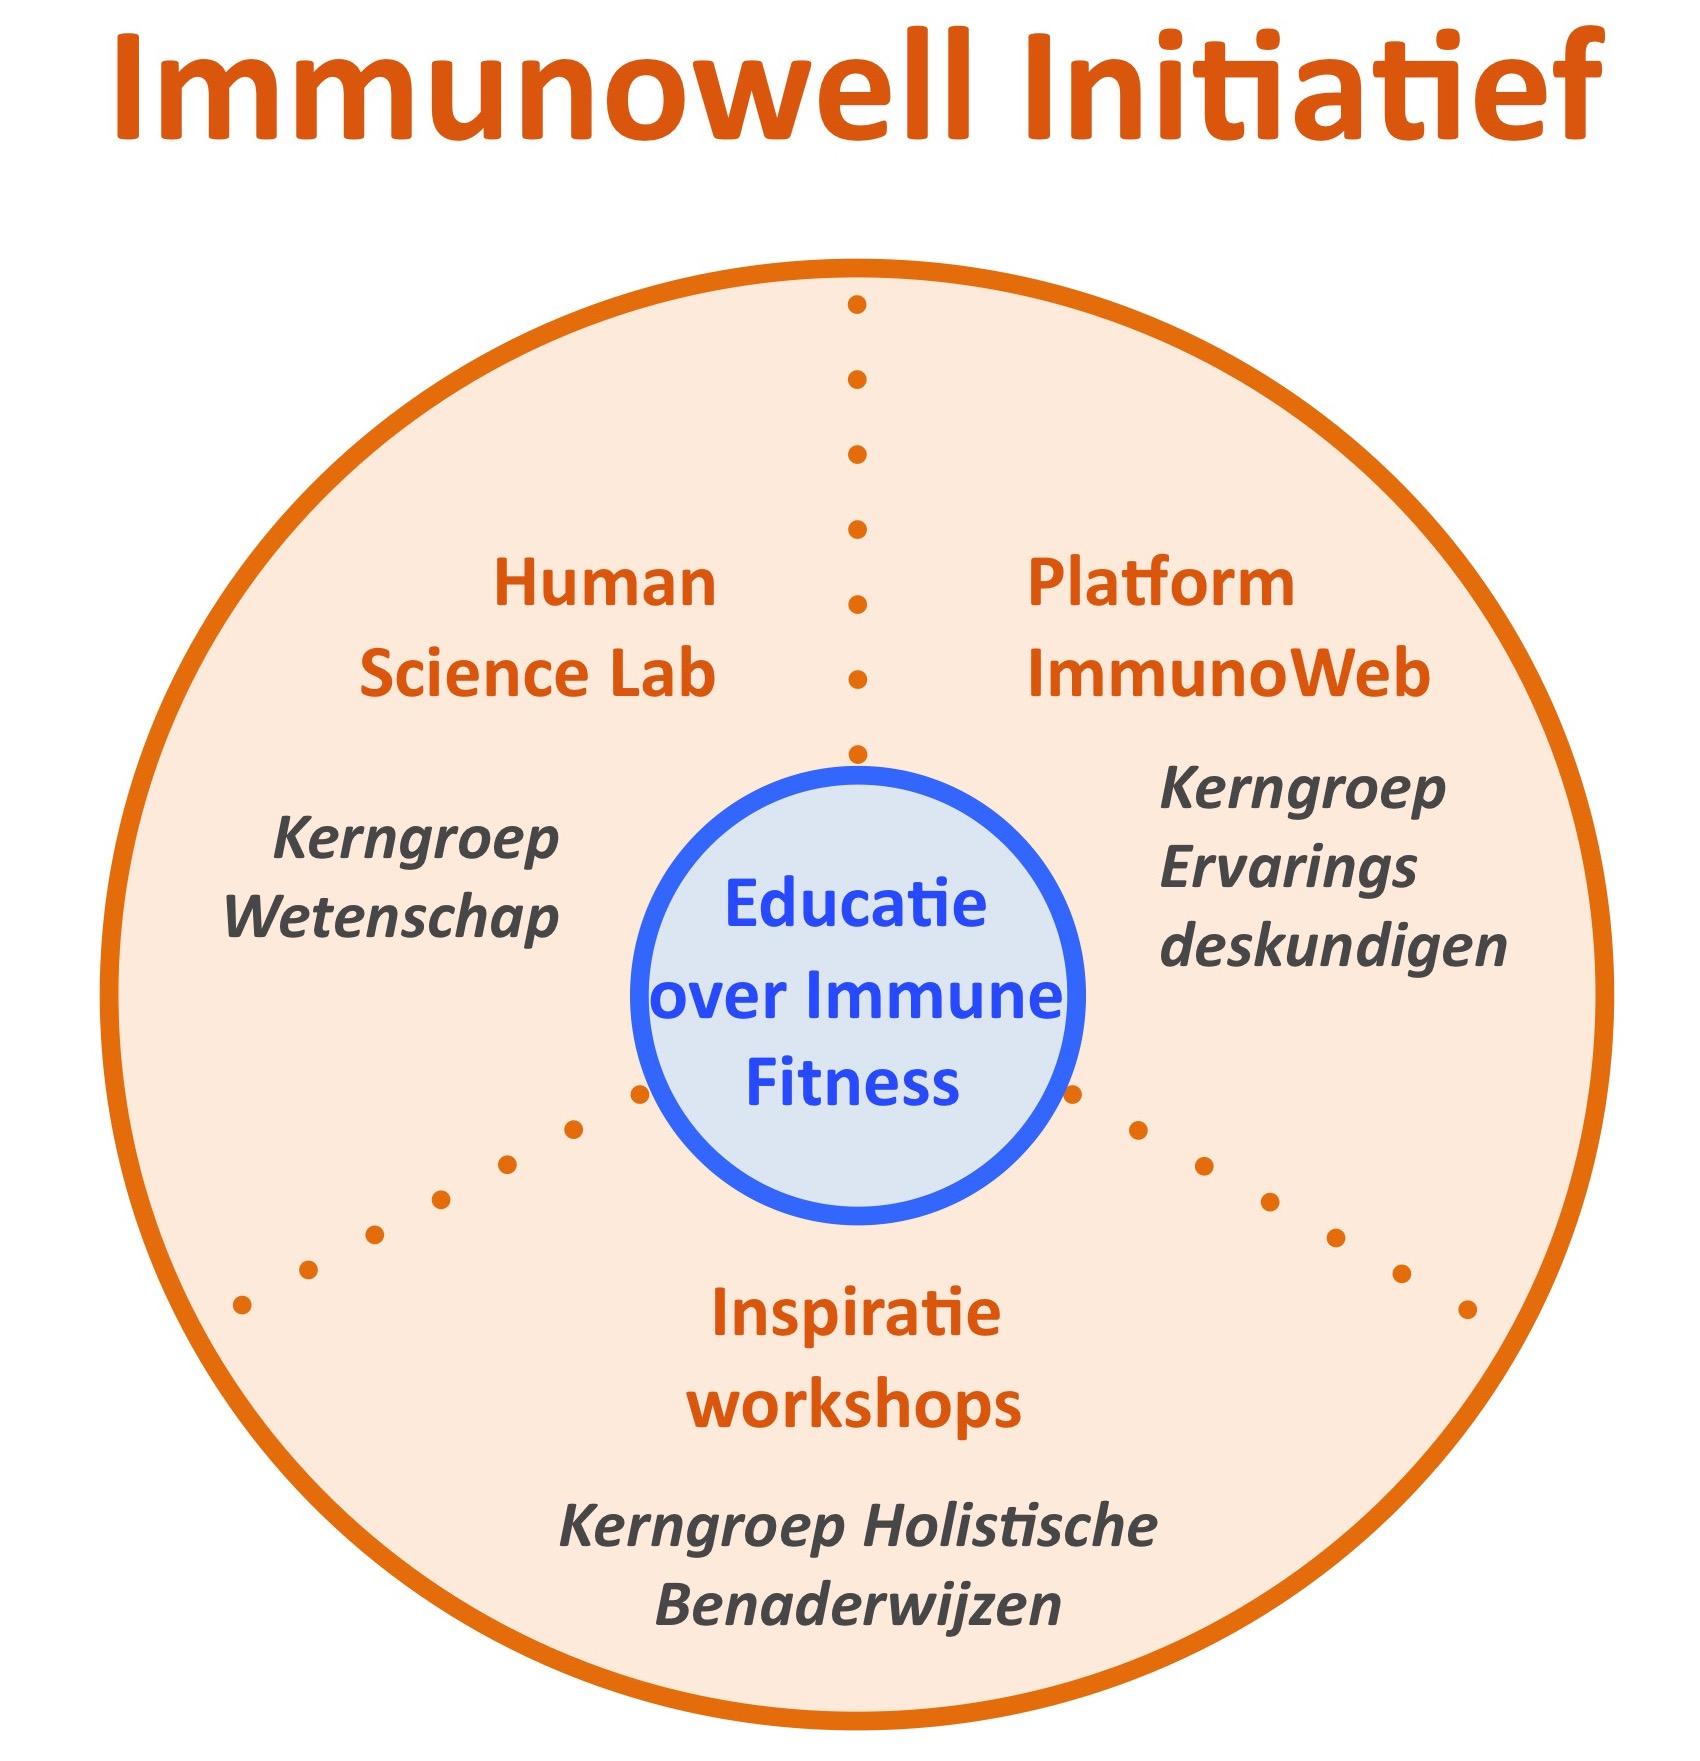 immunowell-initiatief-human-science-lab-titel